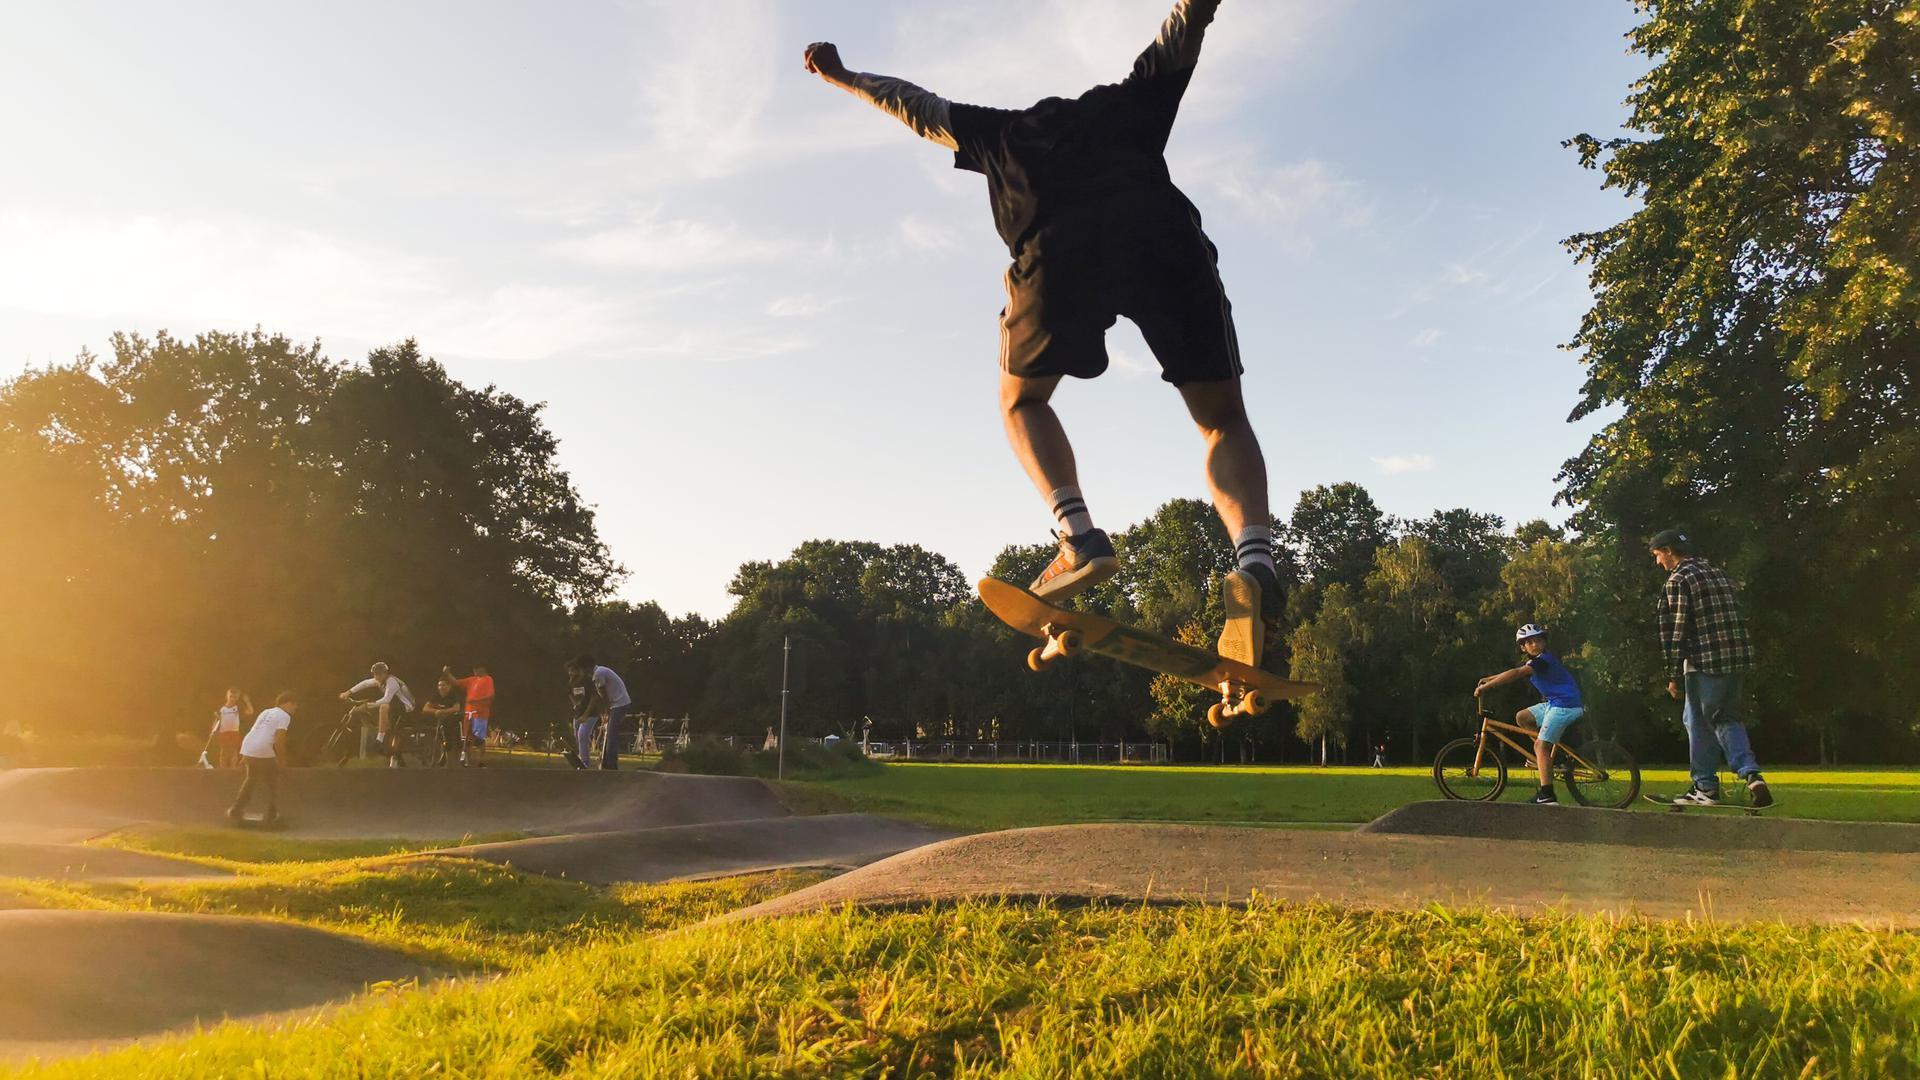 Skater macht einen Trick im Park.